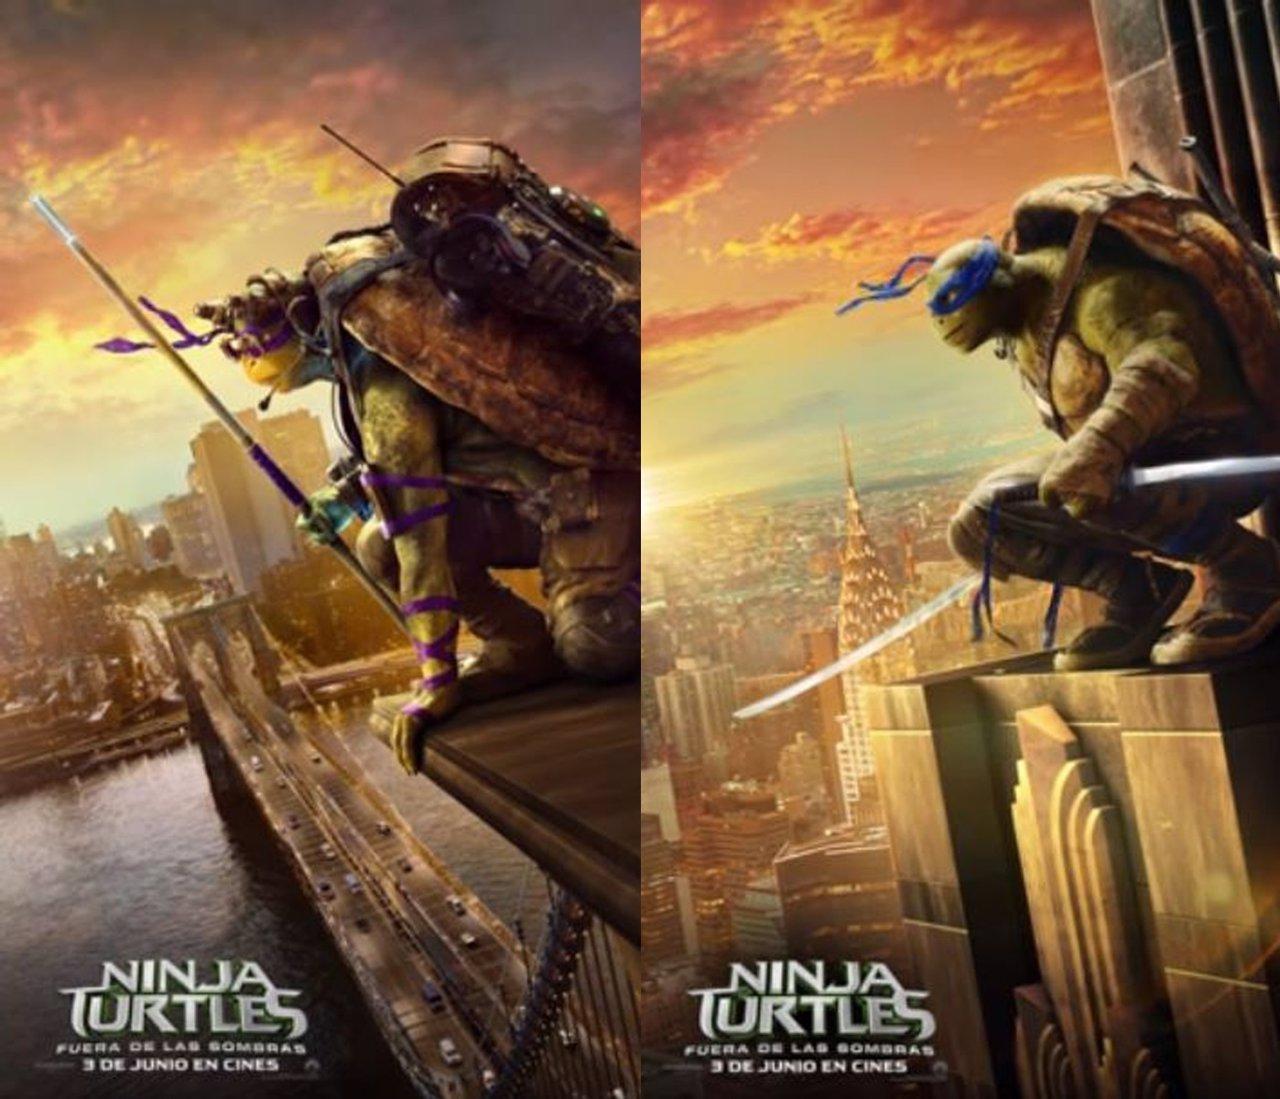 Pósters en movimiento de las Tortugas ninja